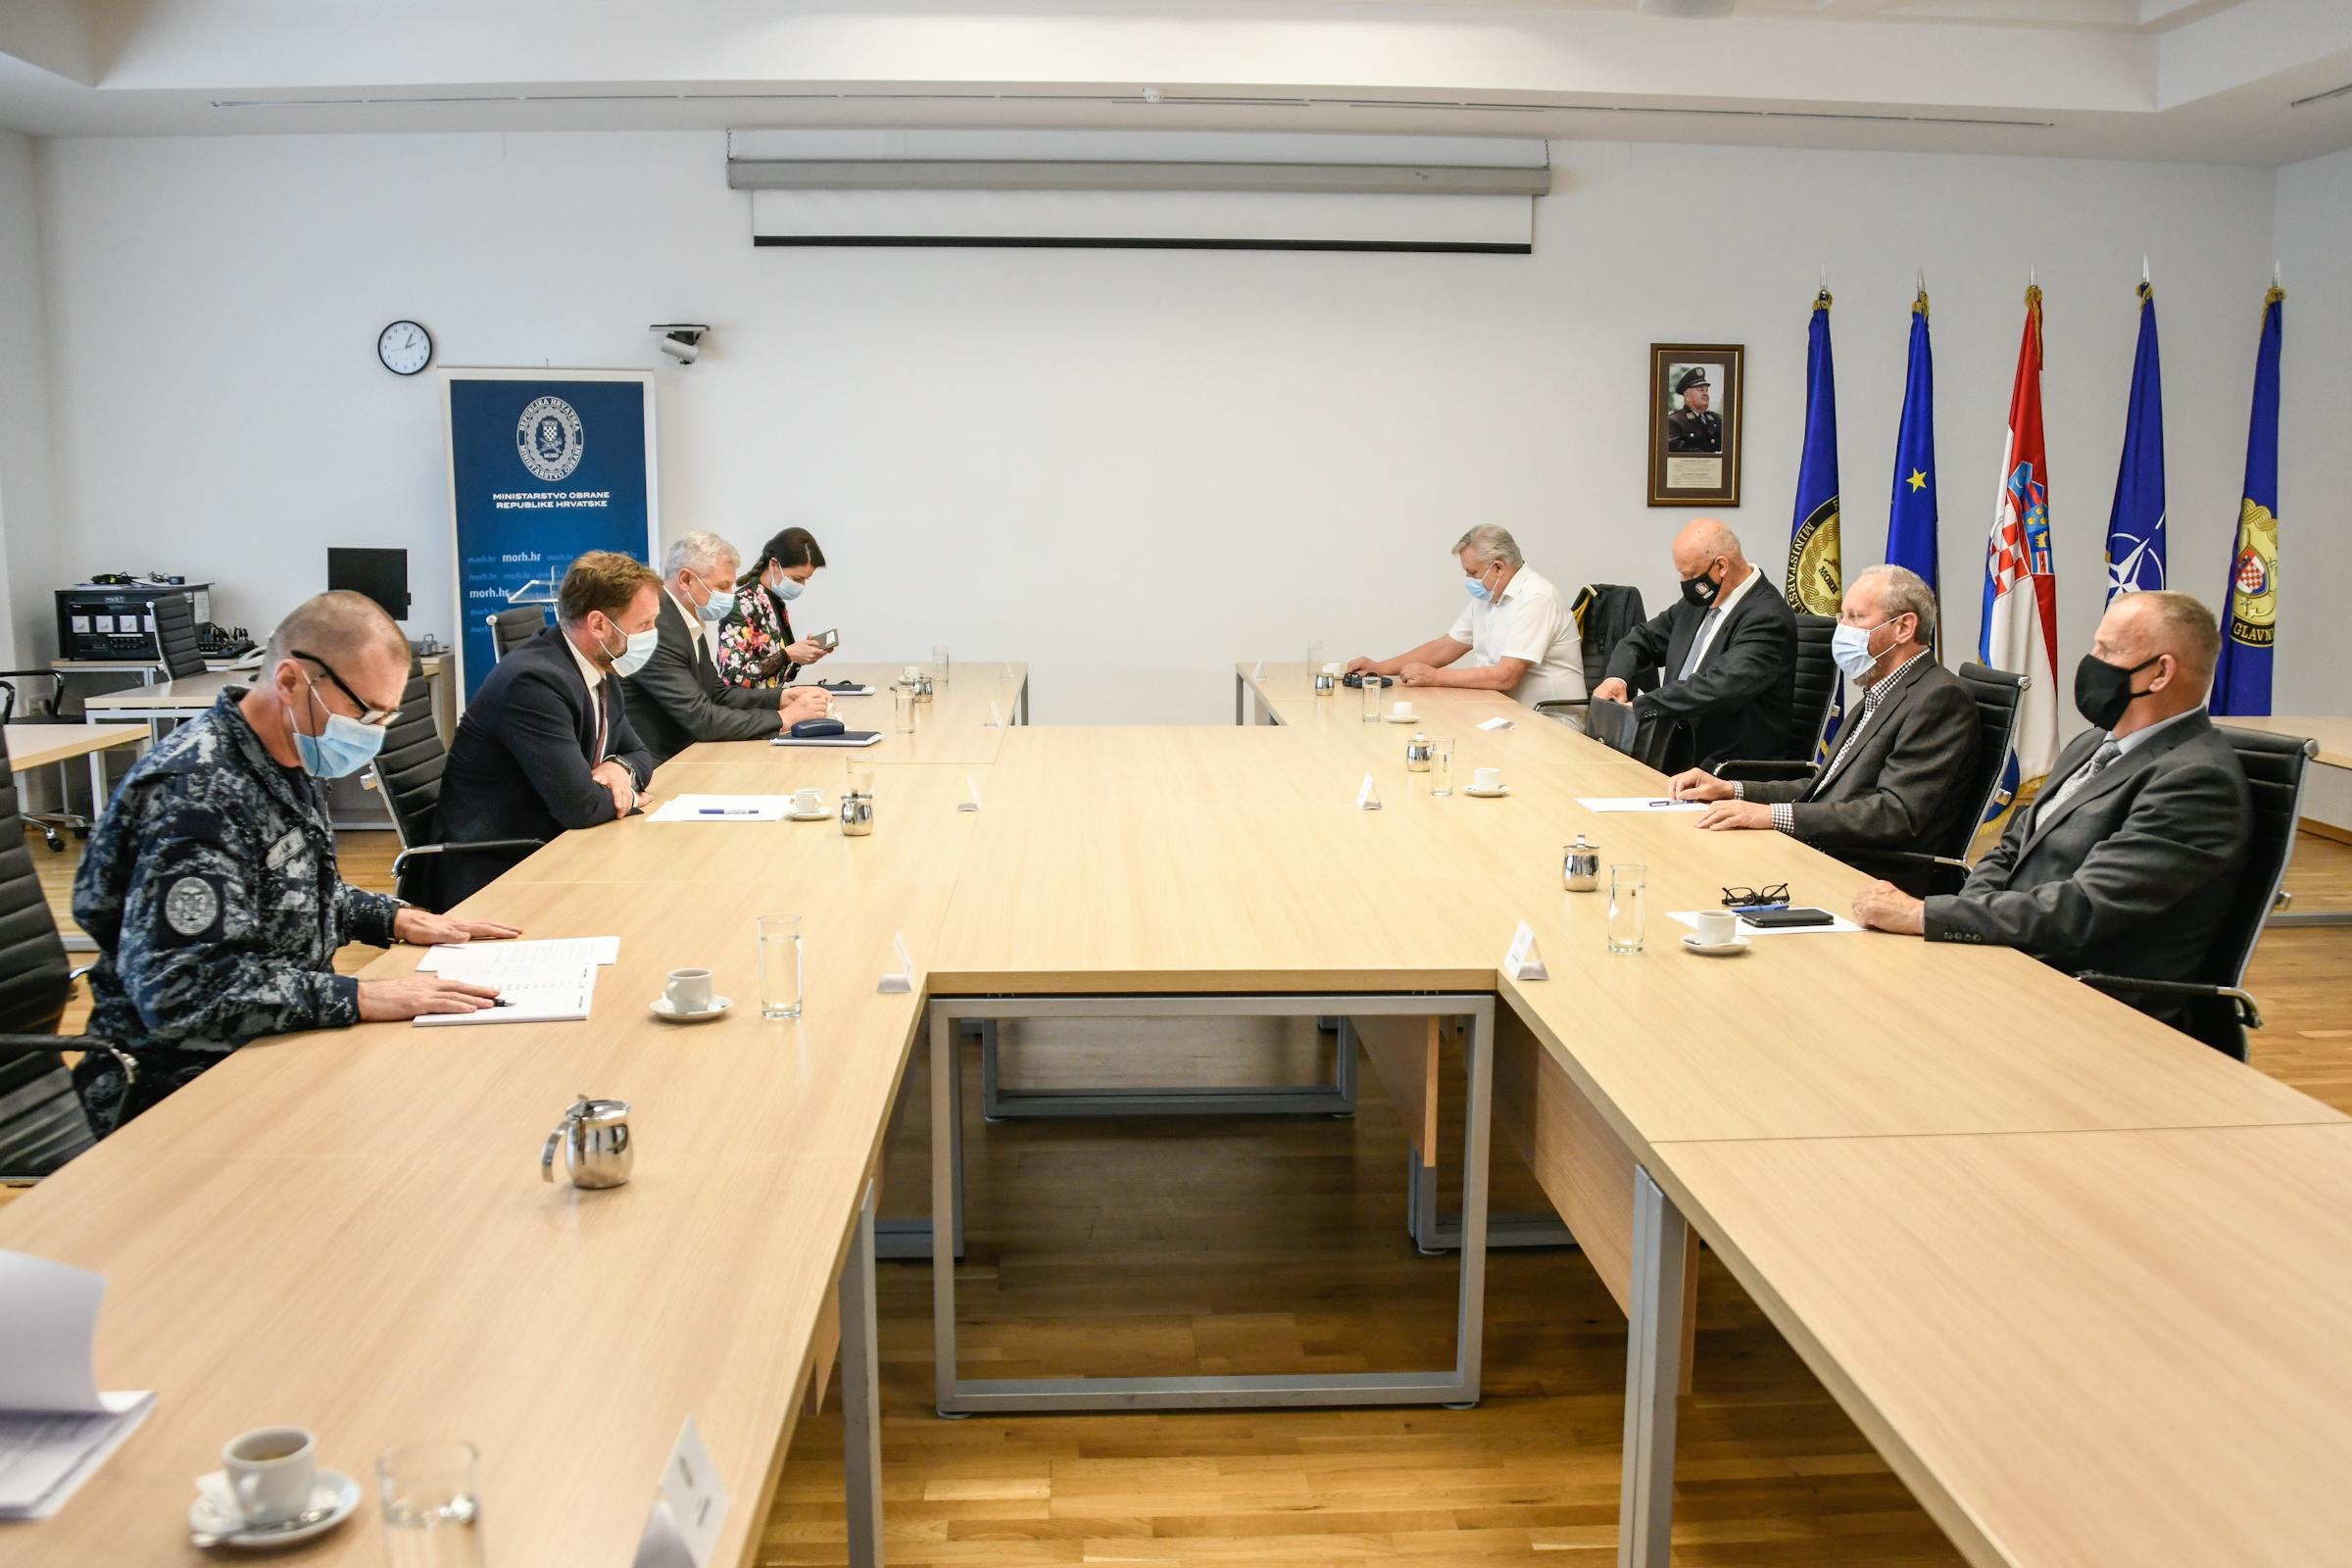 Ministar Banožić s predstavnicima Hrvatskog generalskog zbora